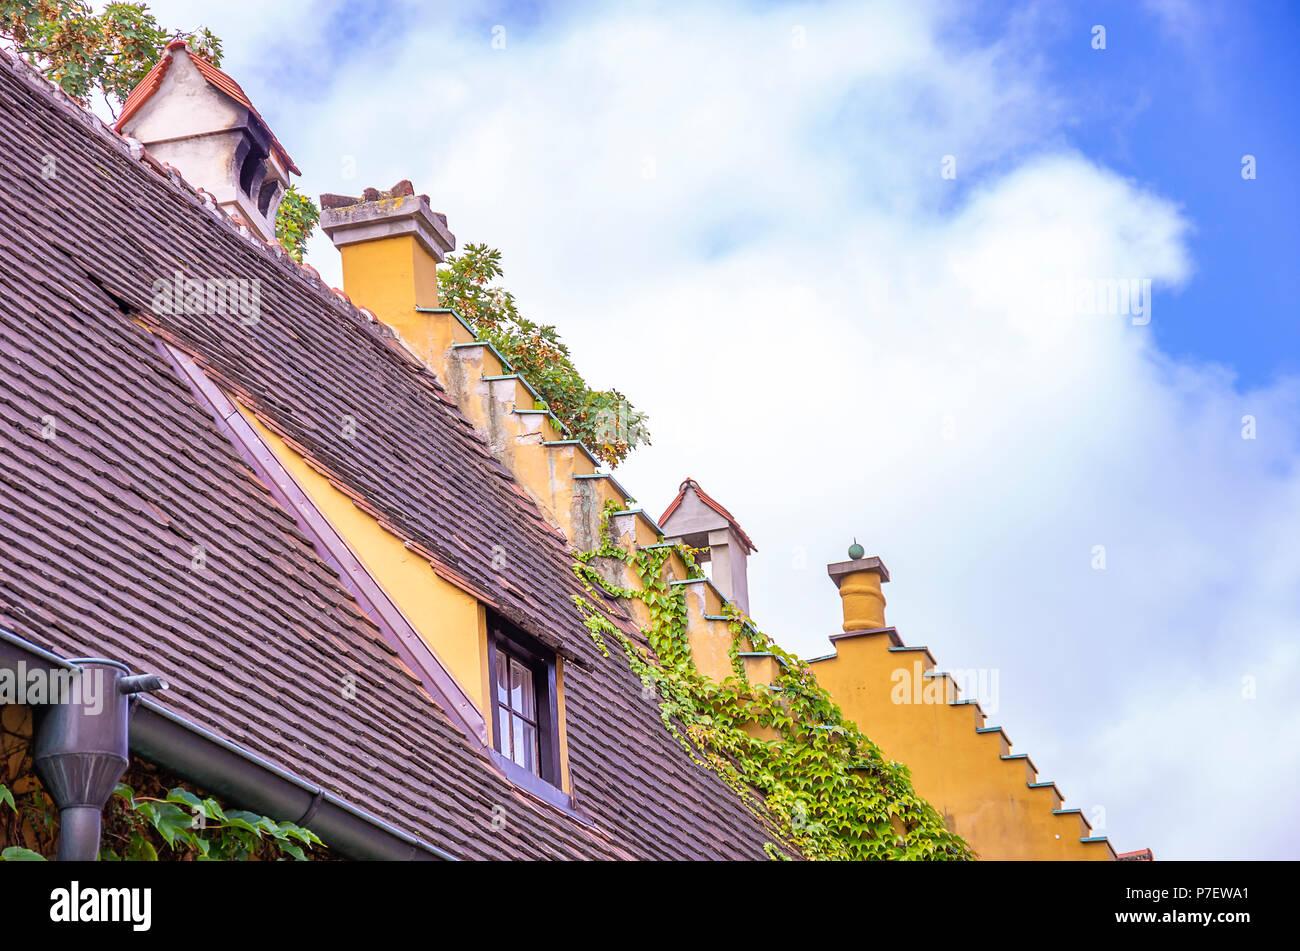 Augsburg, Bayern, Deutschland - 10. September 2015: Blick auf typische Dach Architektur sowie Giebel in der Fuggerei sozialer Wohnungsbau Bereich intensiviert. Stockfoto